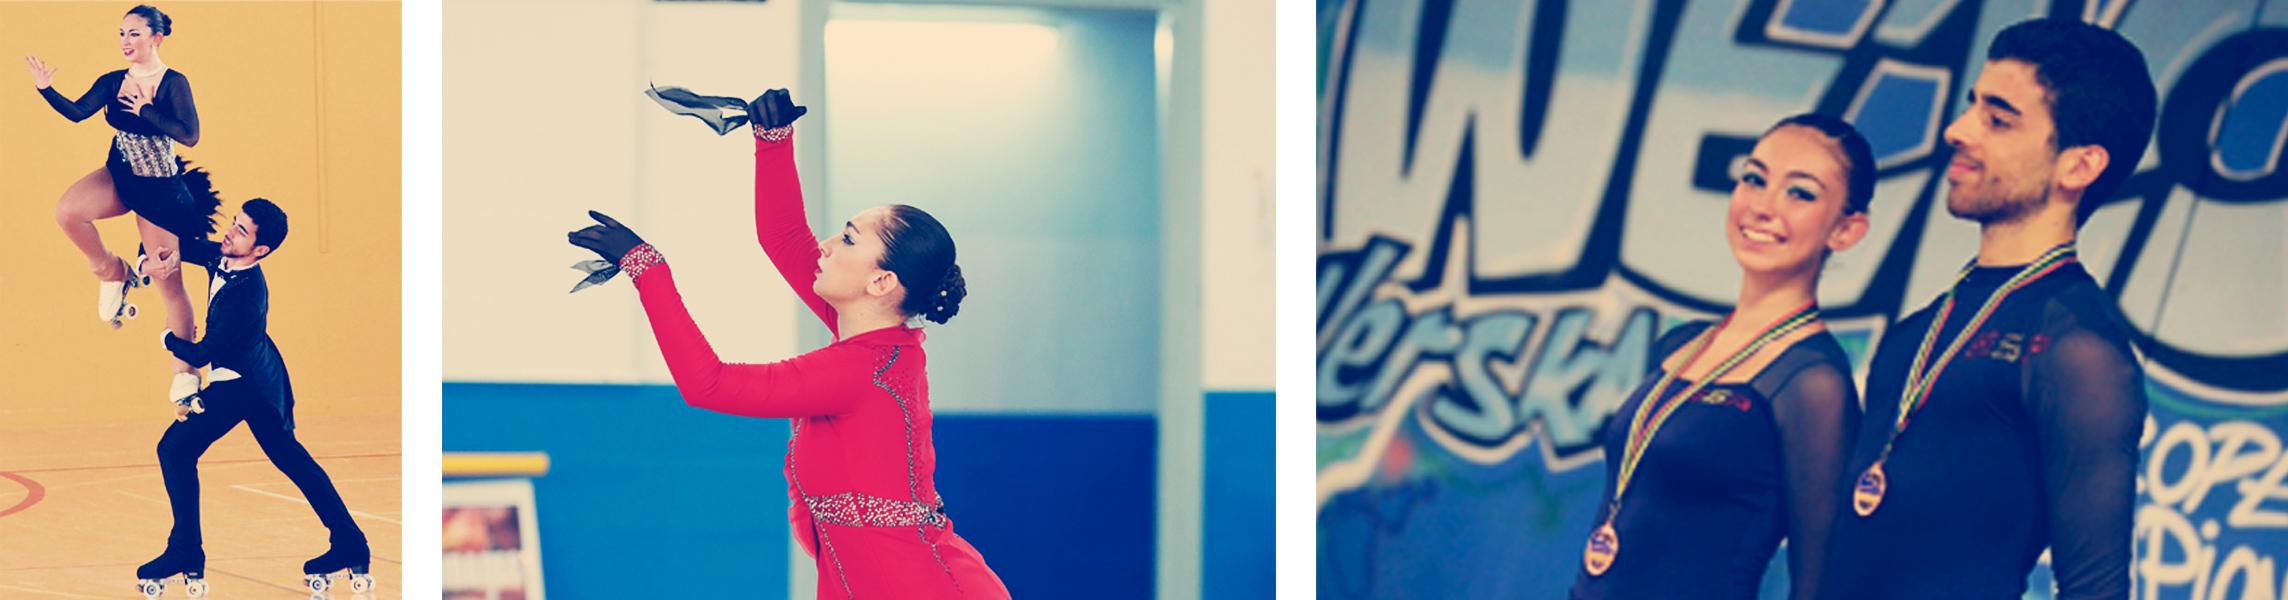 Natalia Baldizzone, en la élite del patinaje artístico